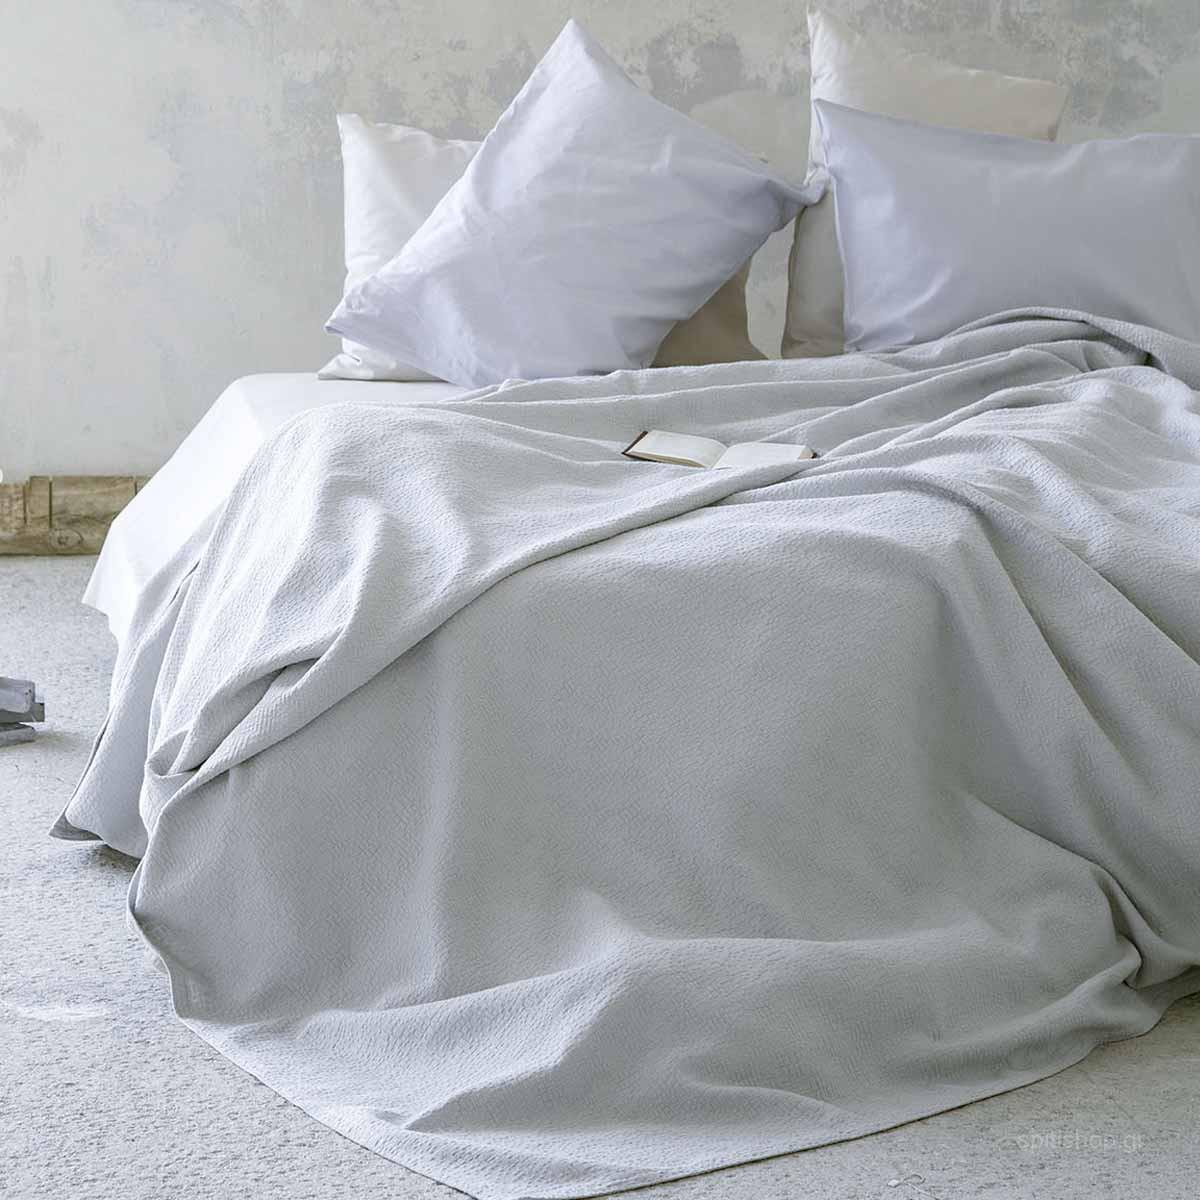 Κουβερτόριο Υπέρδιπλο Nima Layers Sheena Grey home   κρεβατοκάμαρα   κουβέρτες   κουβέρτες καλοκαιρινές υπέρδιπλες